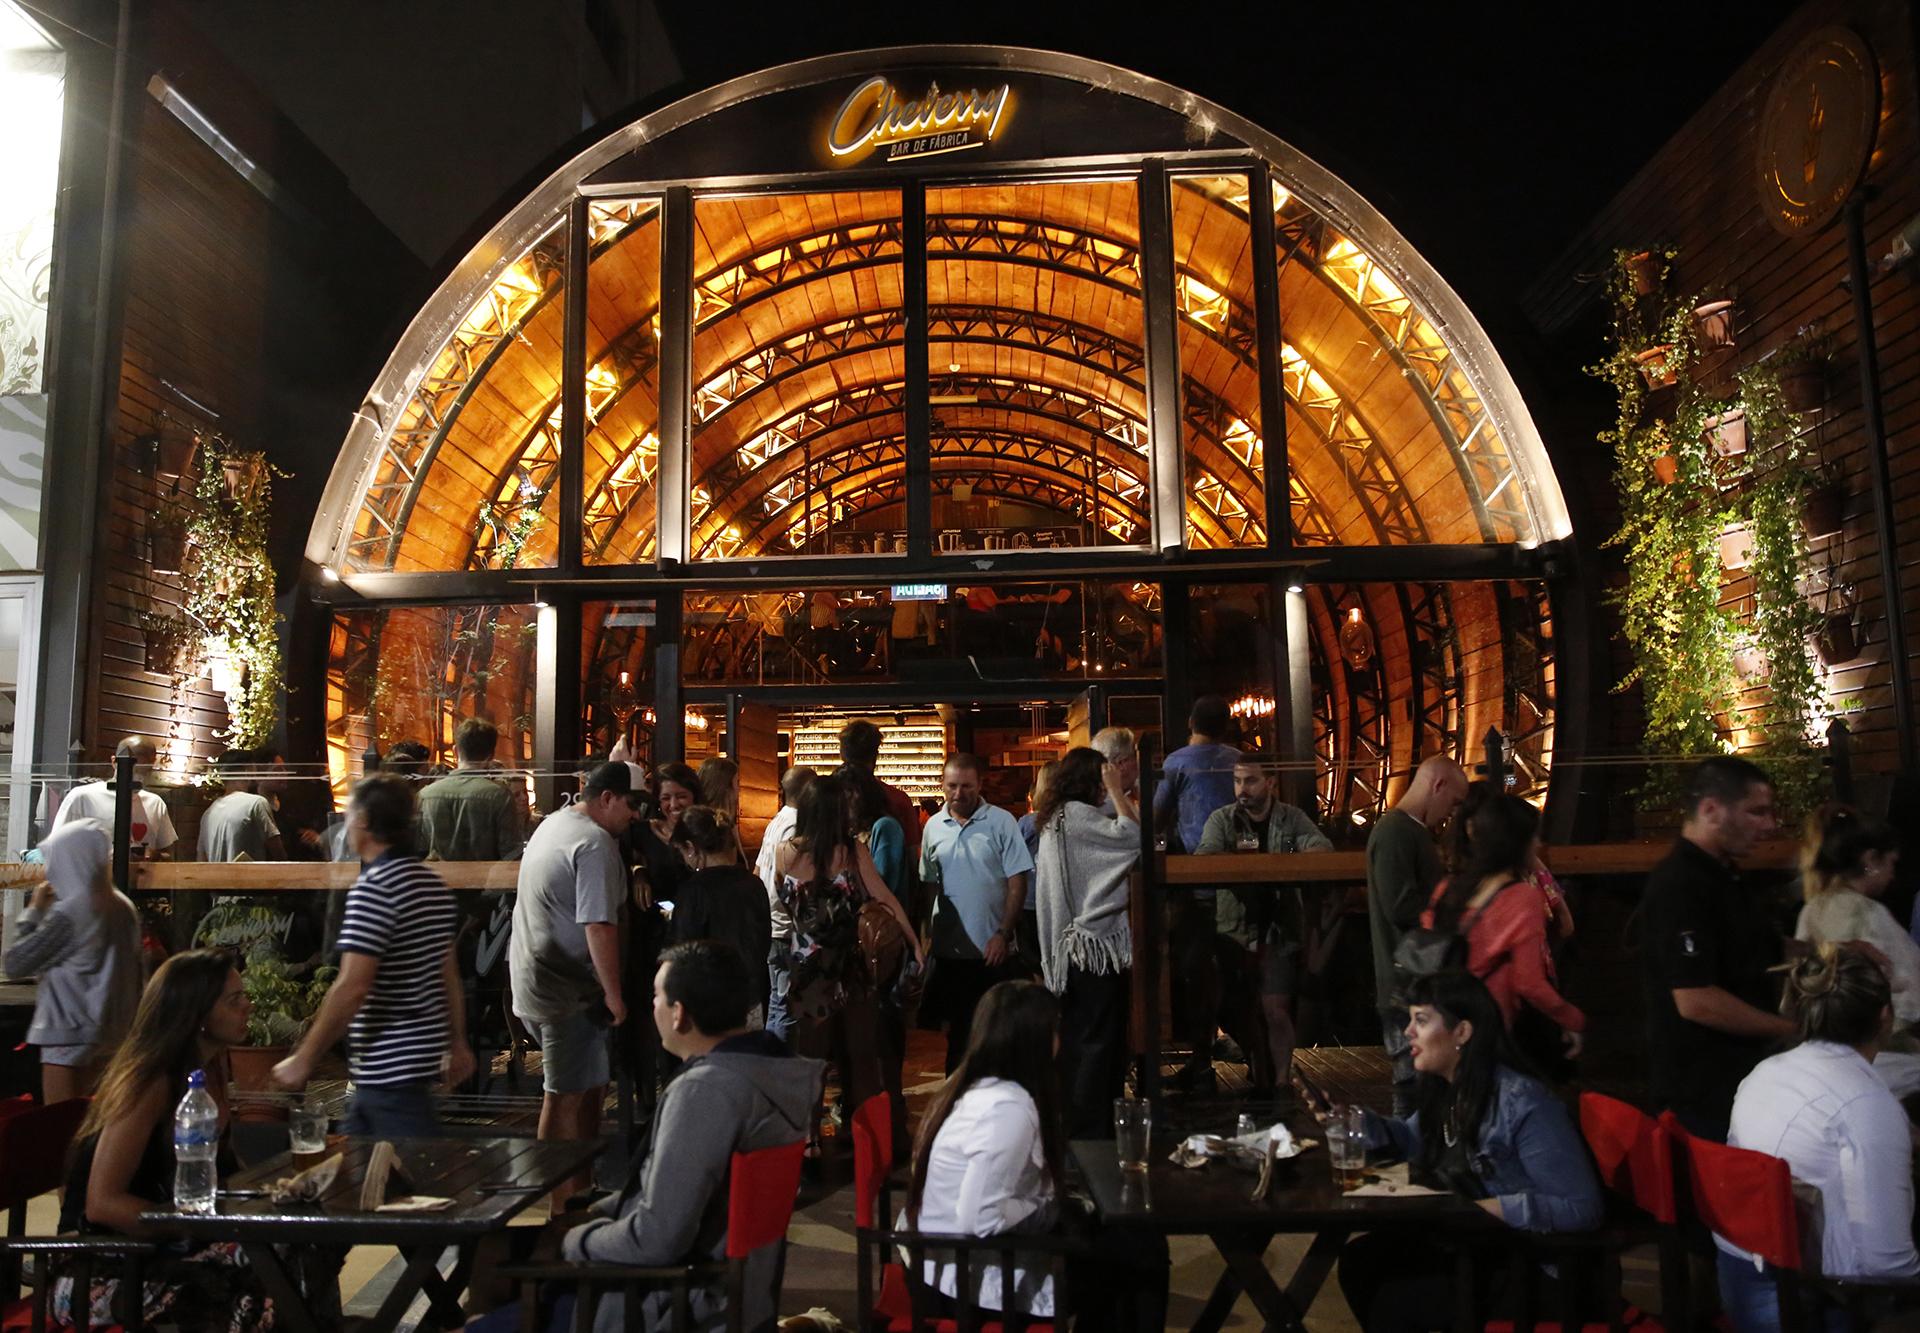 El circuito cervecero es una de las alternativas para disfrutar en la noche